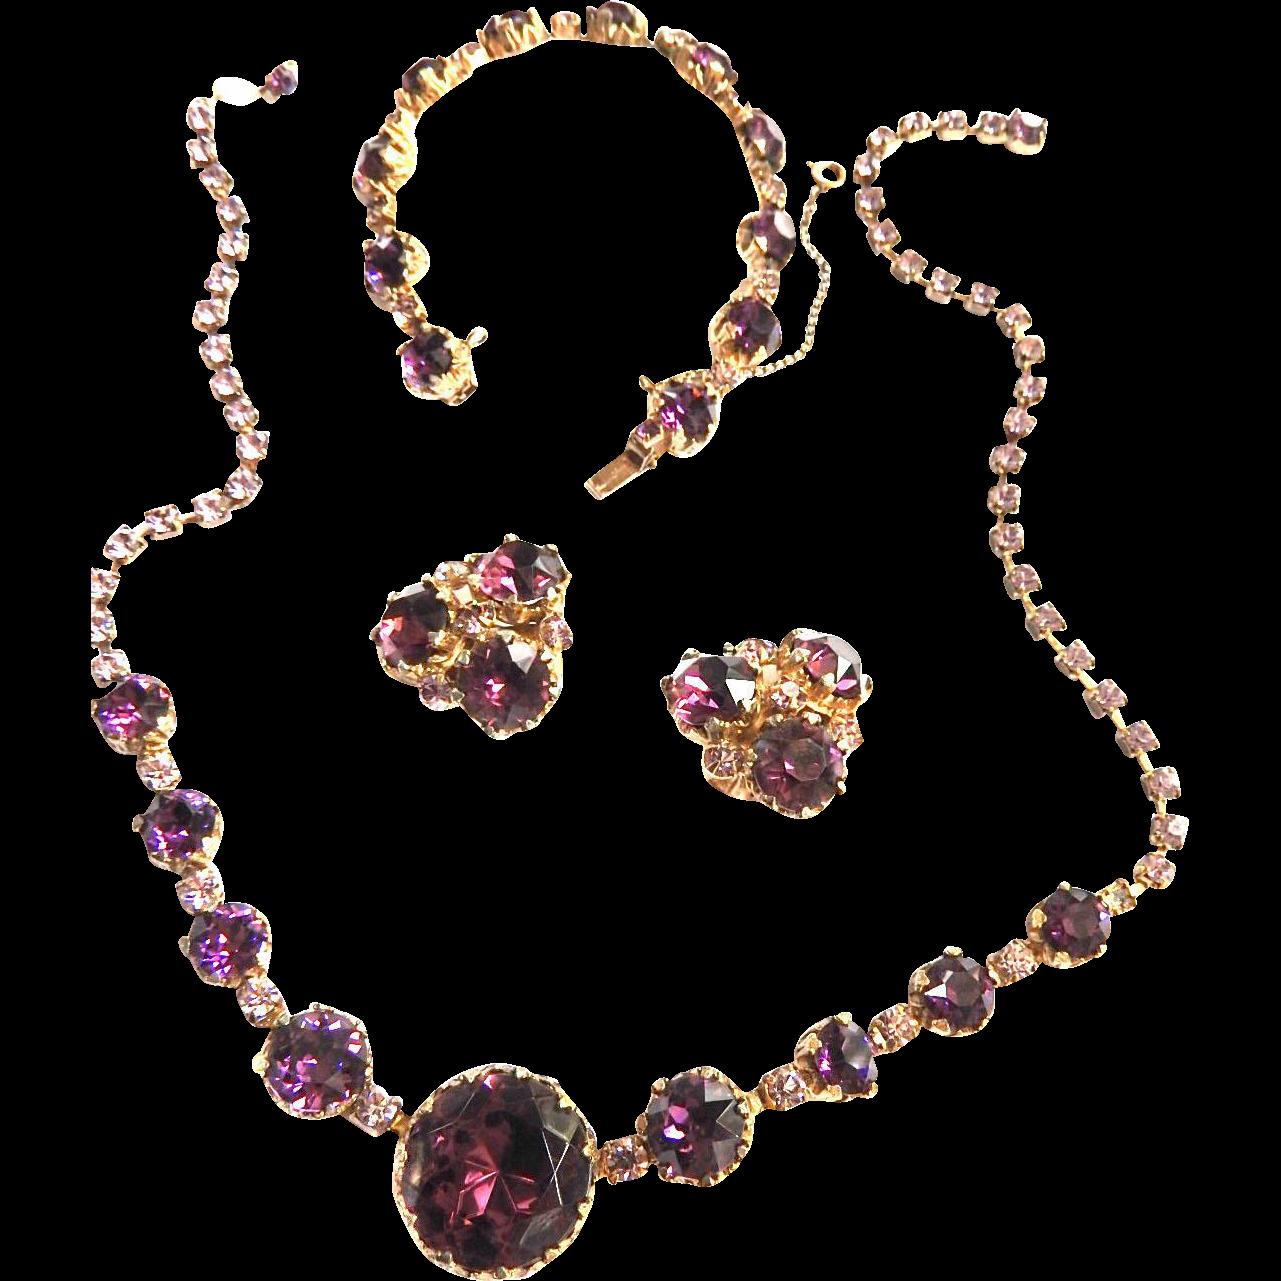 Classic Amethyst Rhinestone Necklace Bracelet Earrings